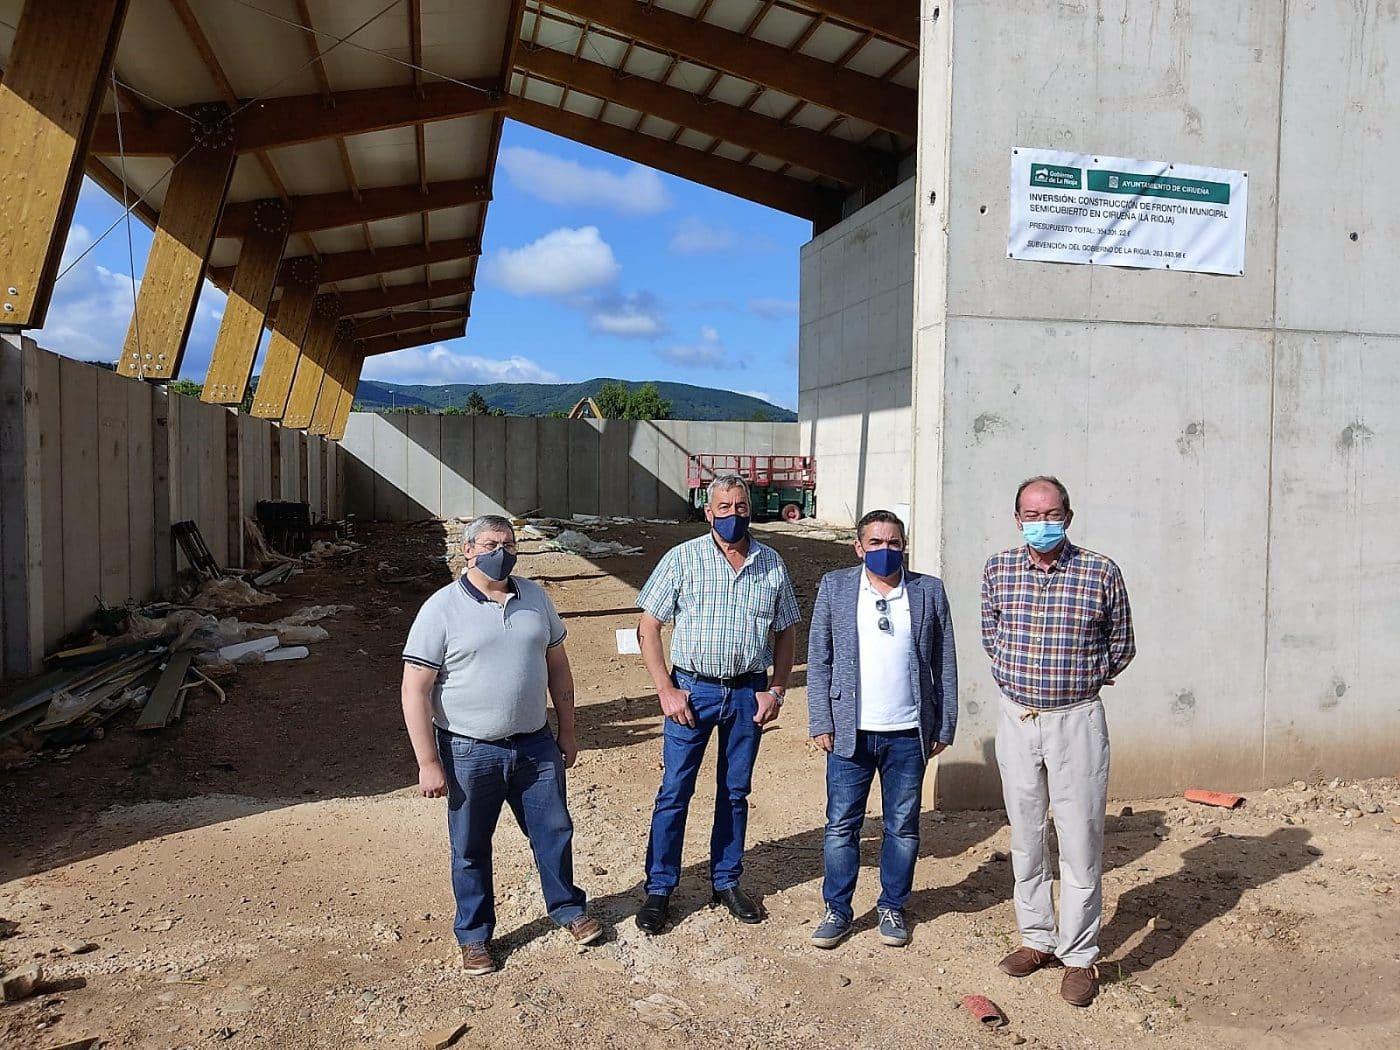 El Gobierno riojano invierte 560.000 euros en Berceo, San Millán, Estollo, Cirueña y Villarejo 1